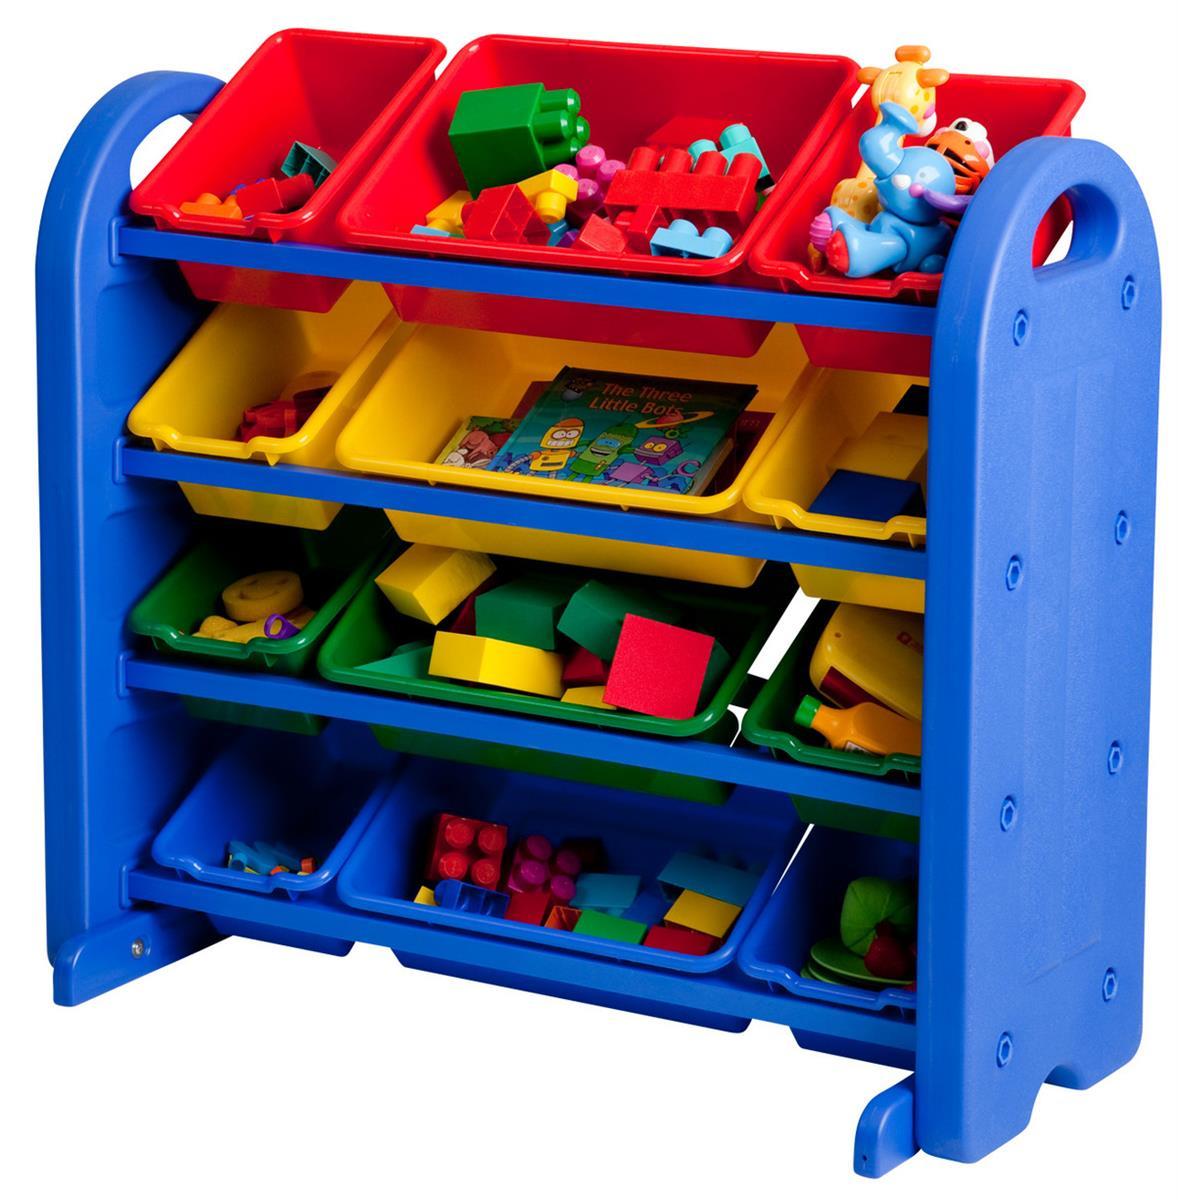 children s plastic storage organizer 4 tiered design. Black Bedroom Furniture Sets. Home Design Ideas